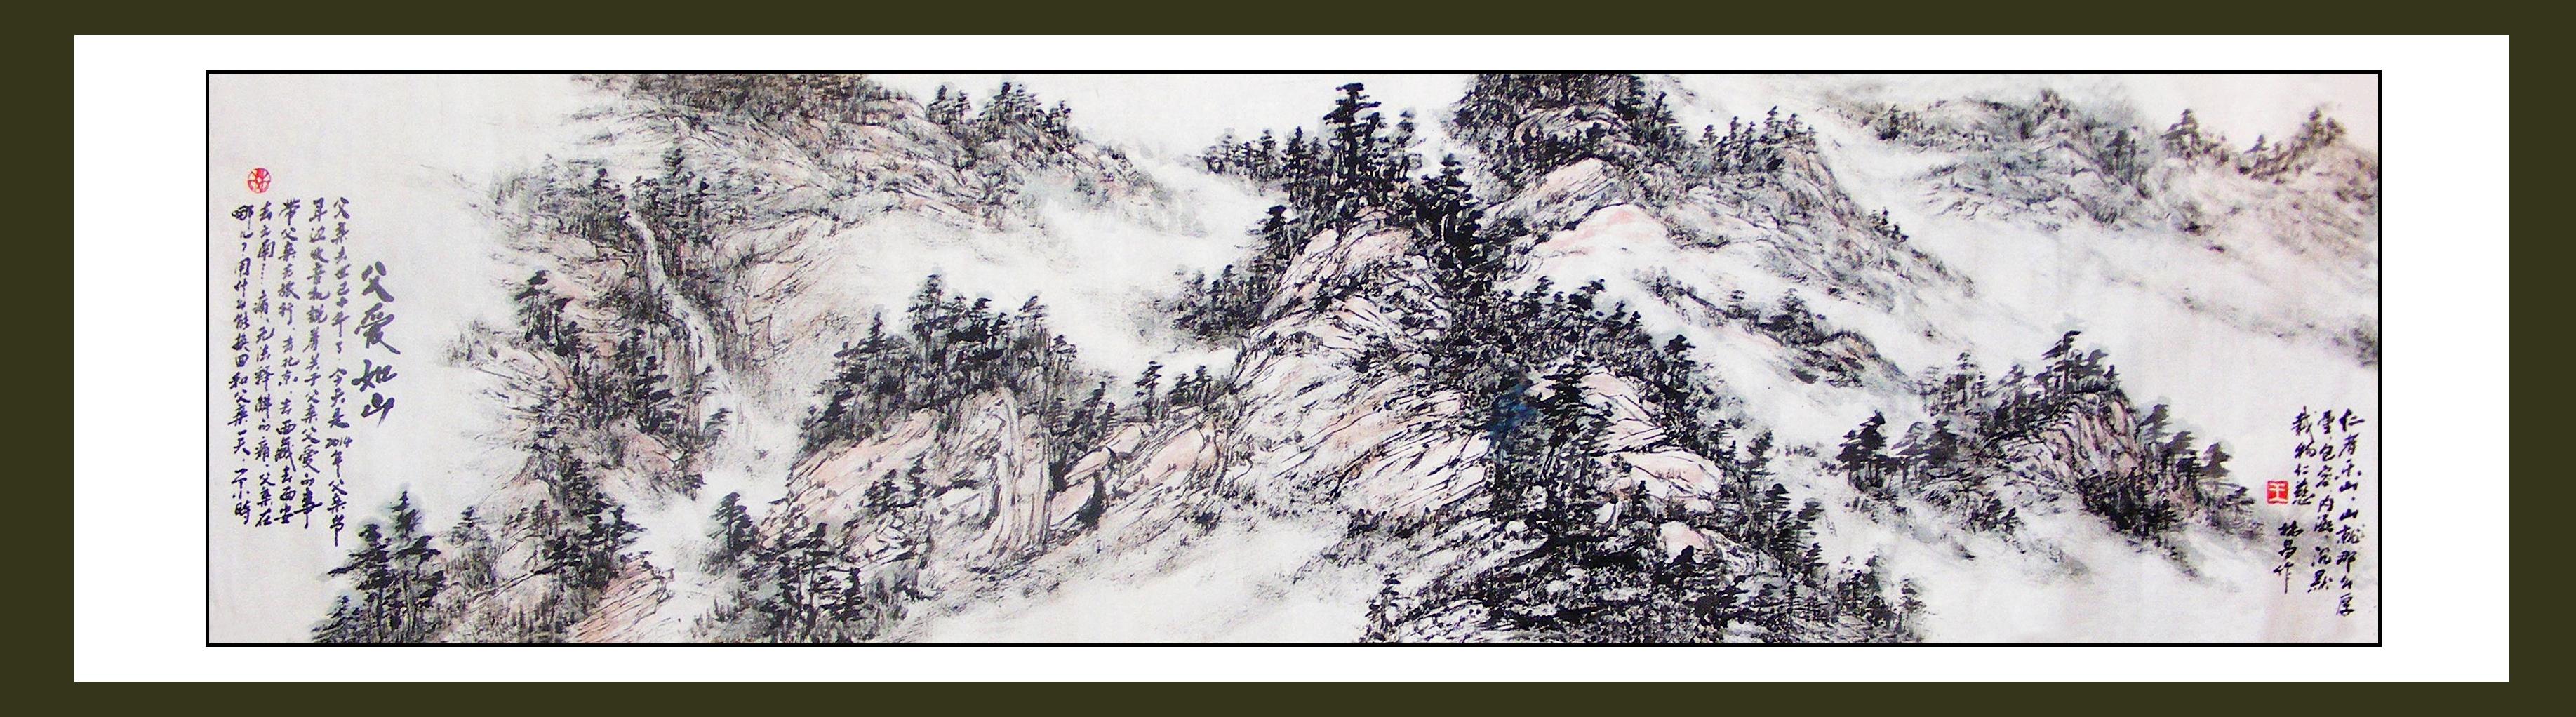 《父爱如山》王林昌 2014年作 136x34cm